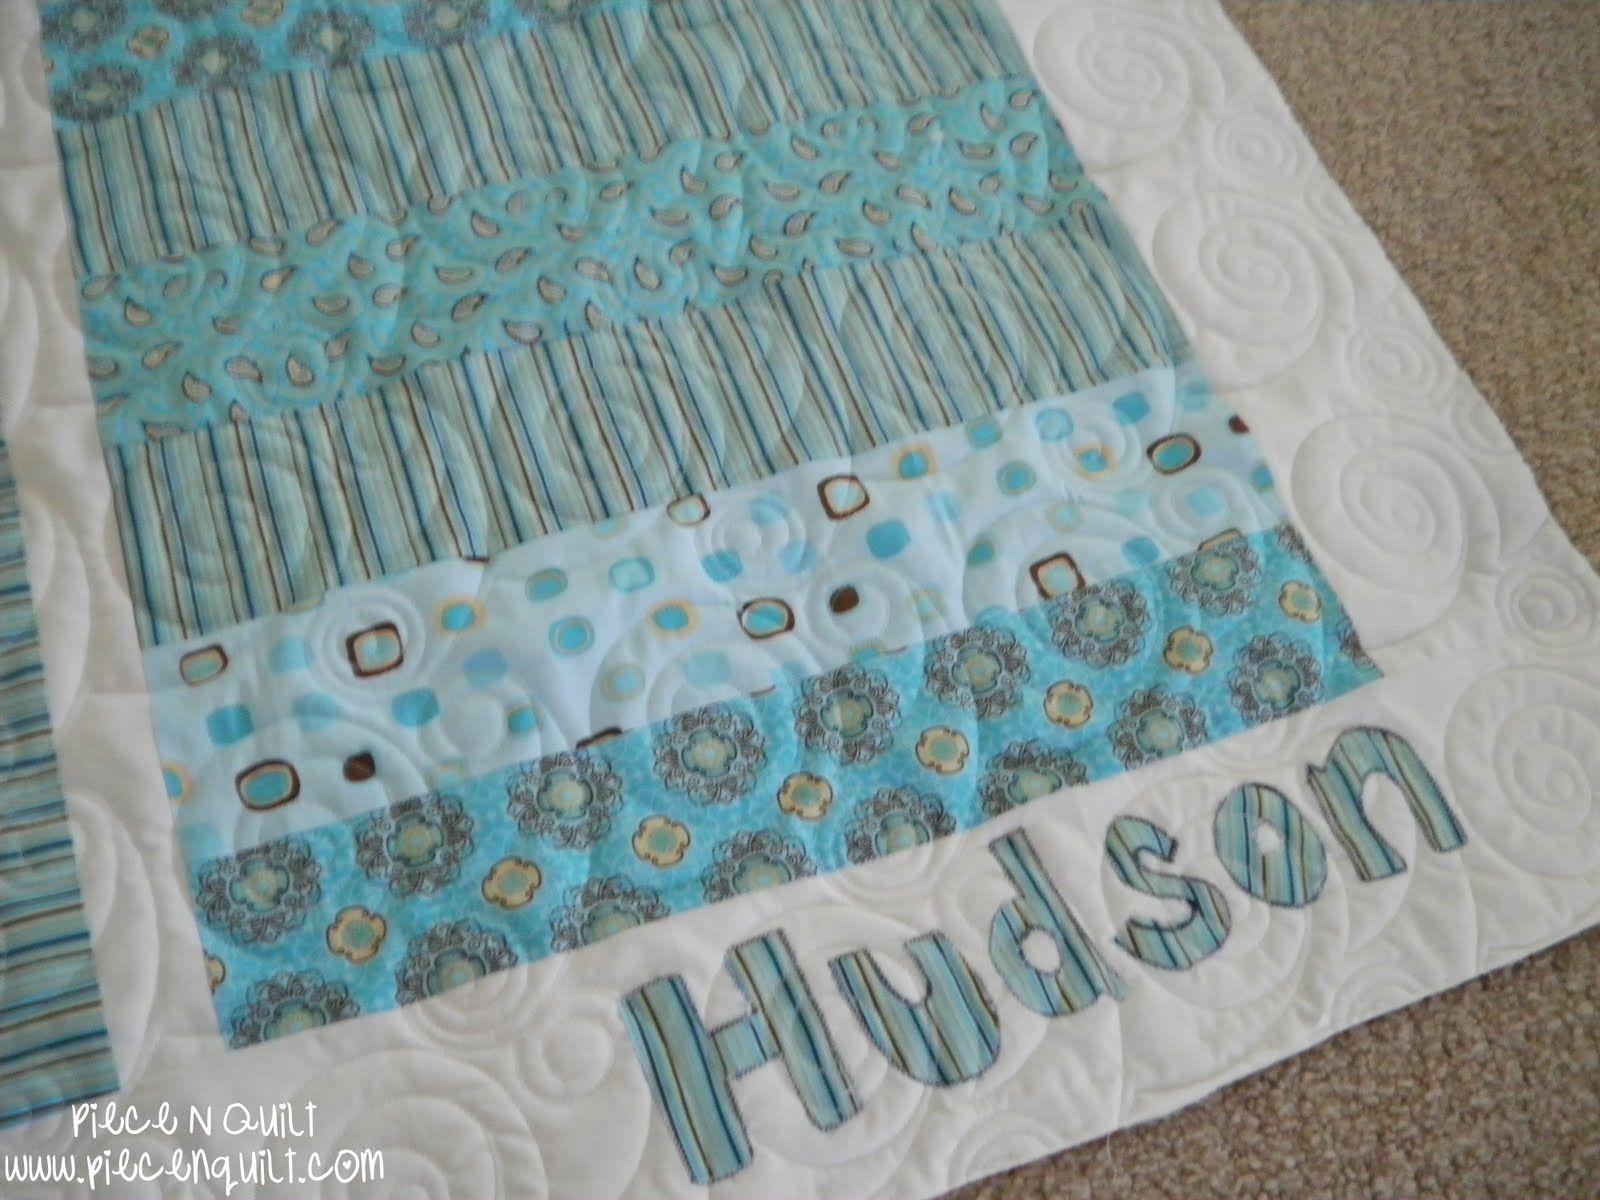 Best Baby Quilt Designs Ideas Photos - Interior Design Ideas ... : baby quilts ideas - Adamdwight.com